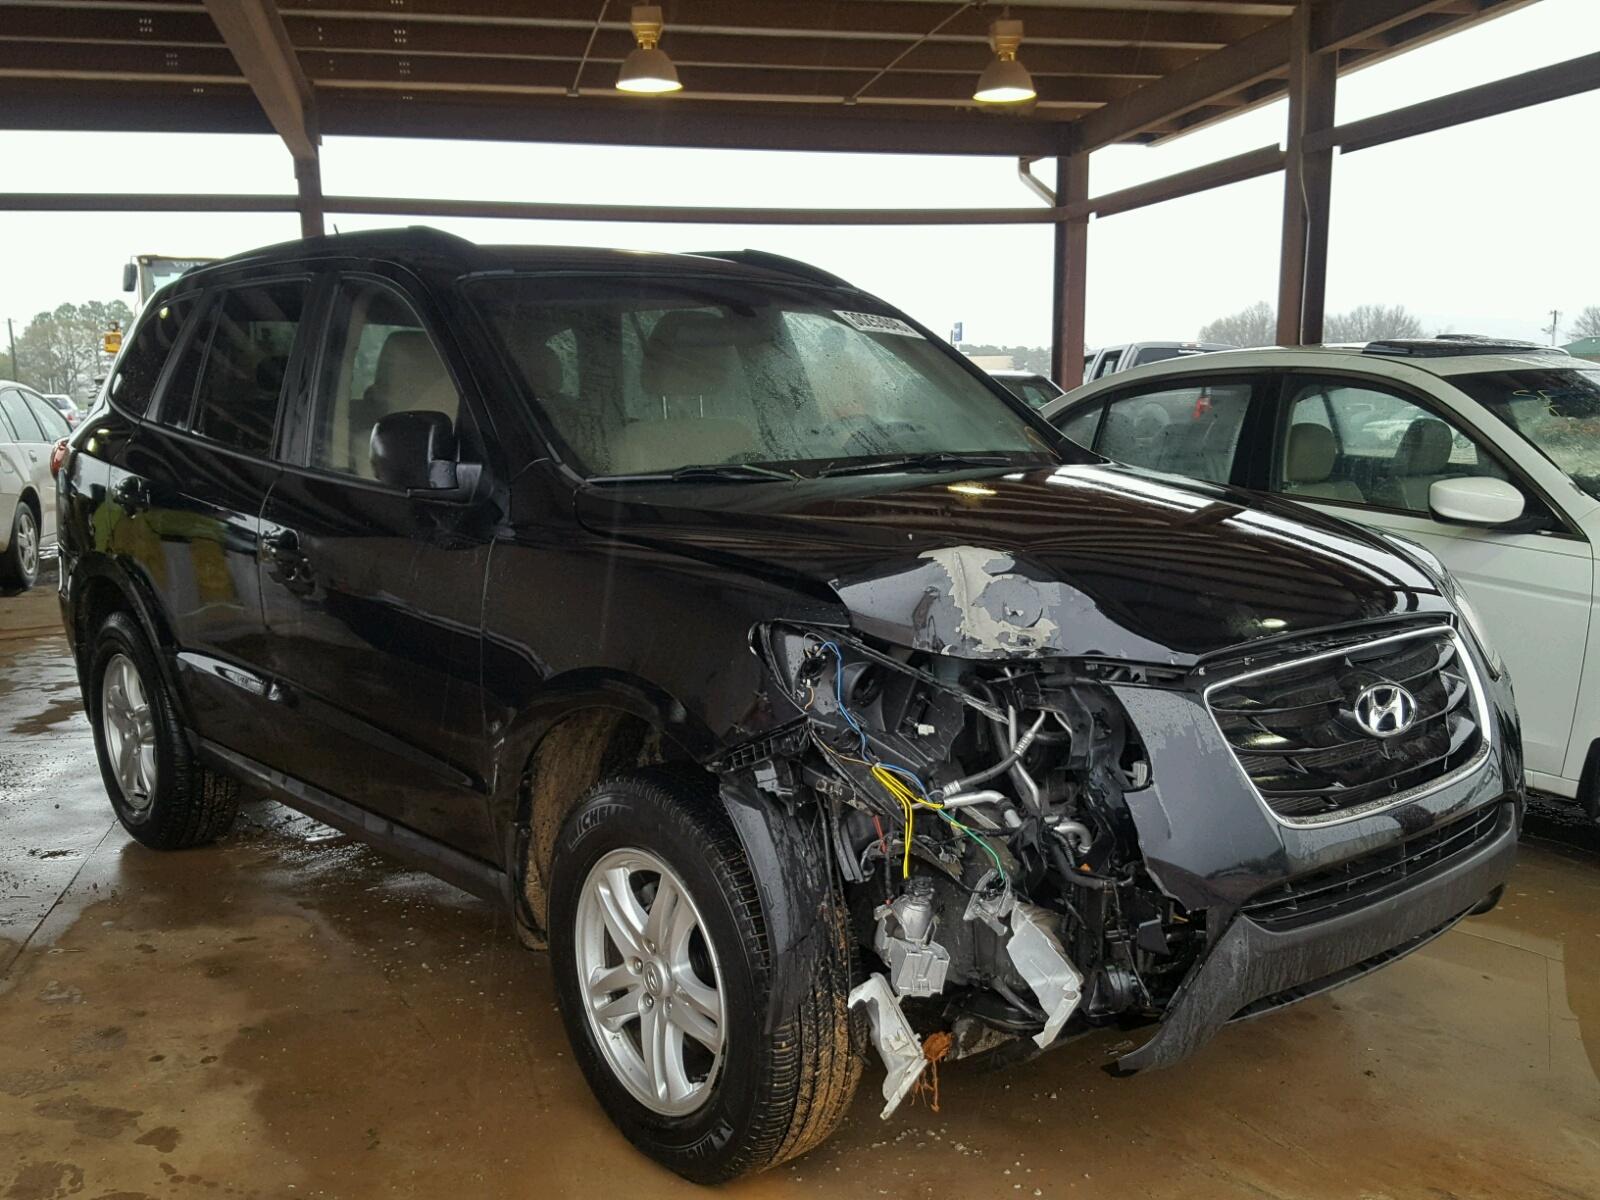 Auto Auction Ended On Vin 5npet46c29h406450 2009 Hyundai